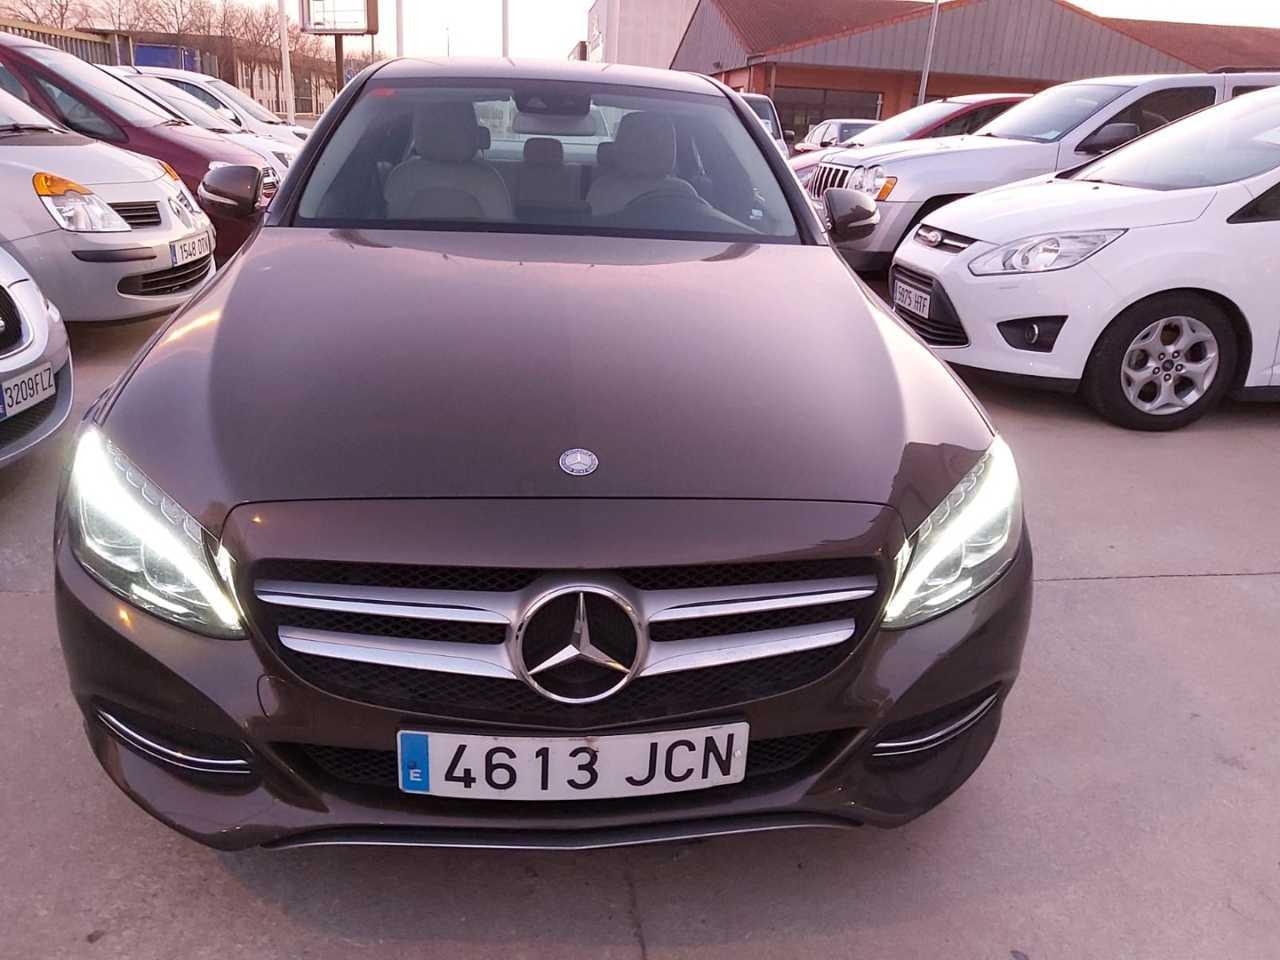 Mercedes Clase C MERCEDES-BENZ Clase C C 220 d 4MATIC AVANTGARDE   - Foto 1